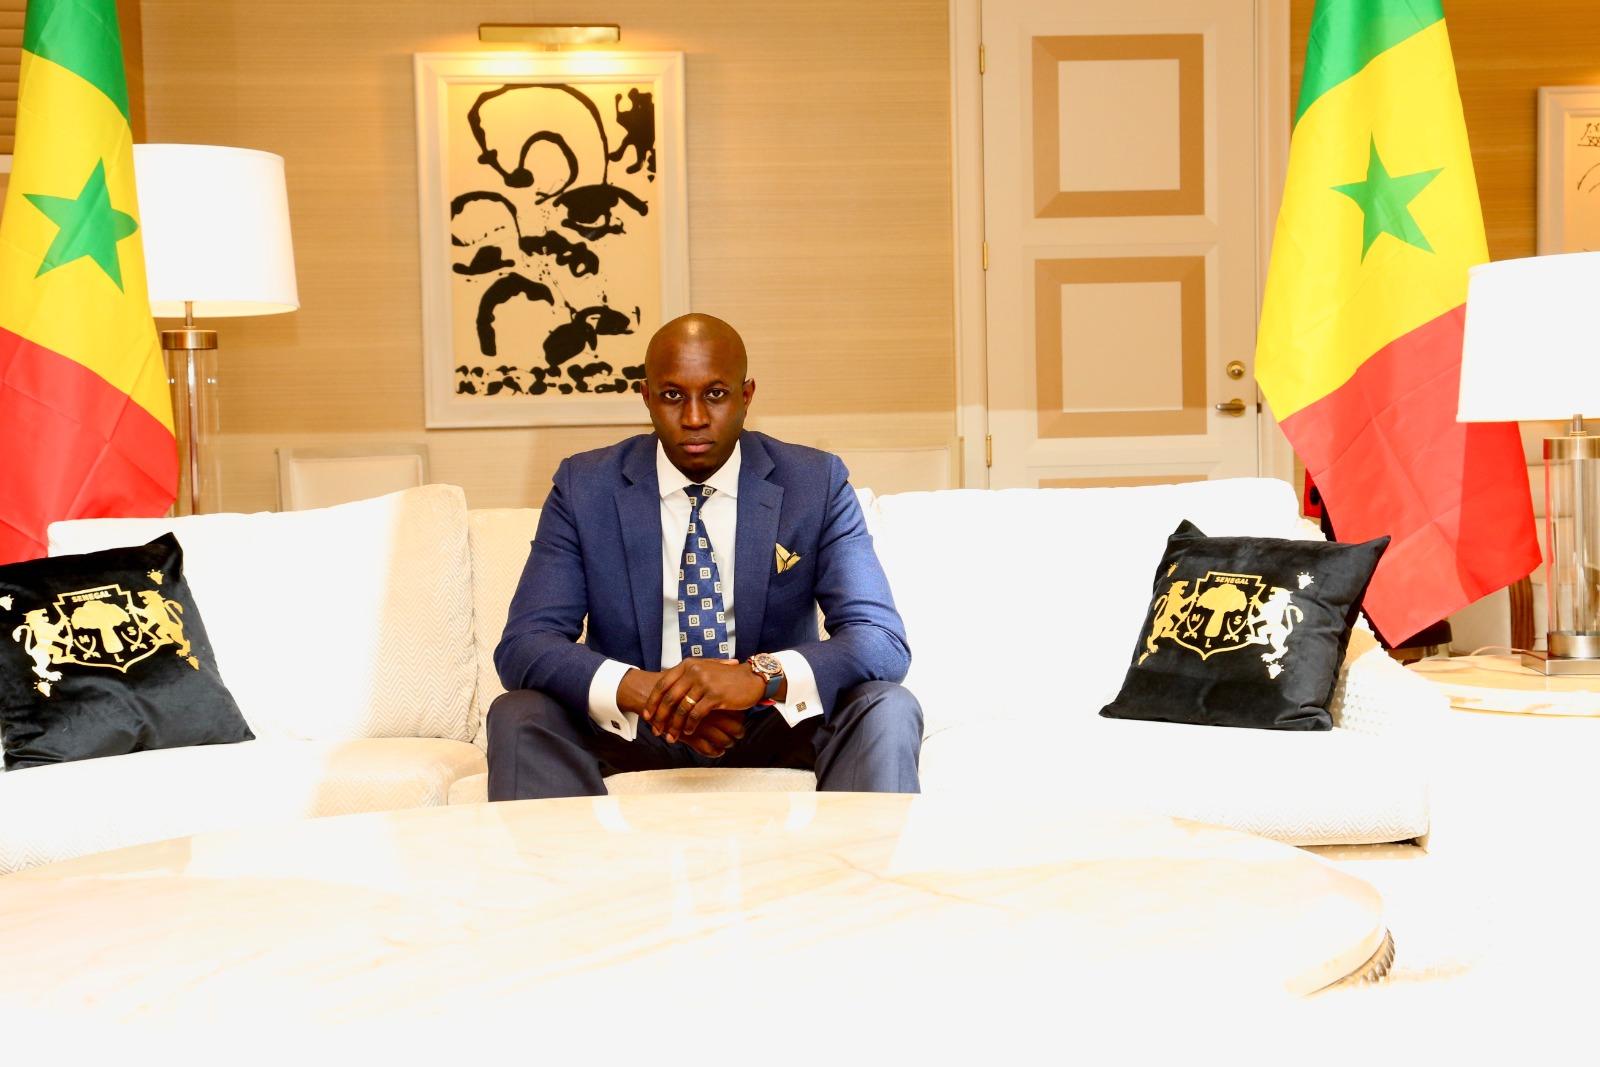 Discours de Mohamet B Diallo allias Mo Gates pour une relève de l'opposition au Sénégal face au régime actuel